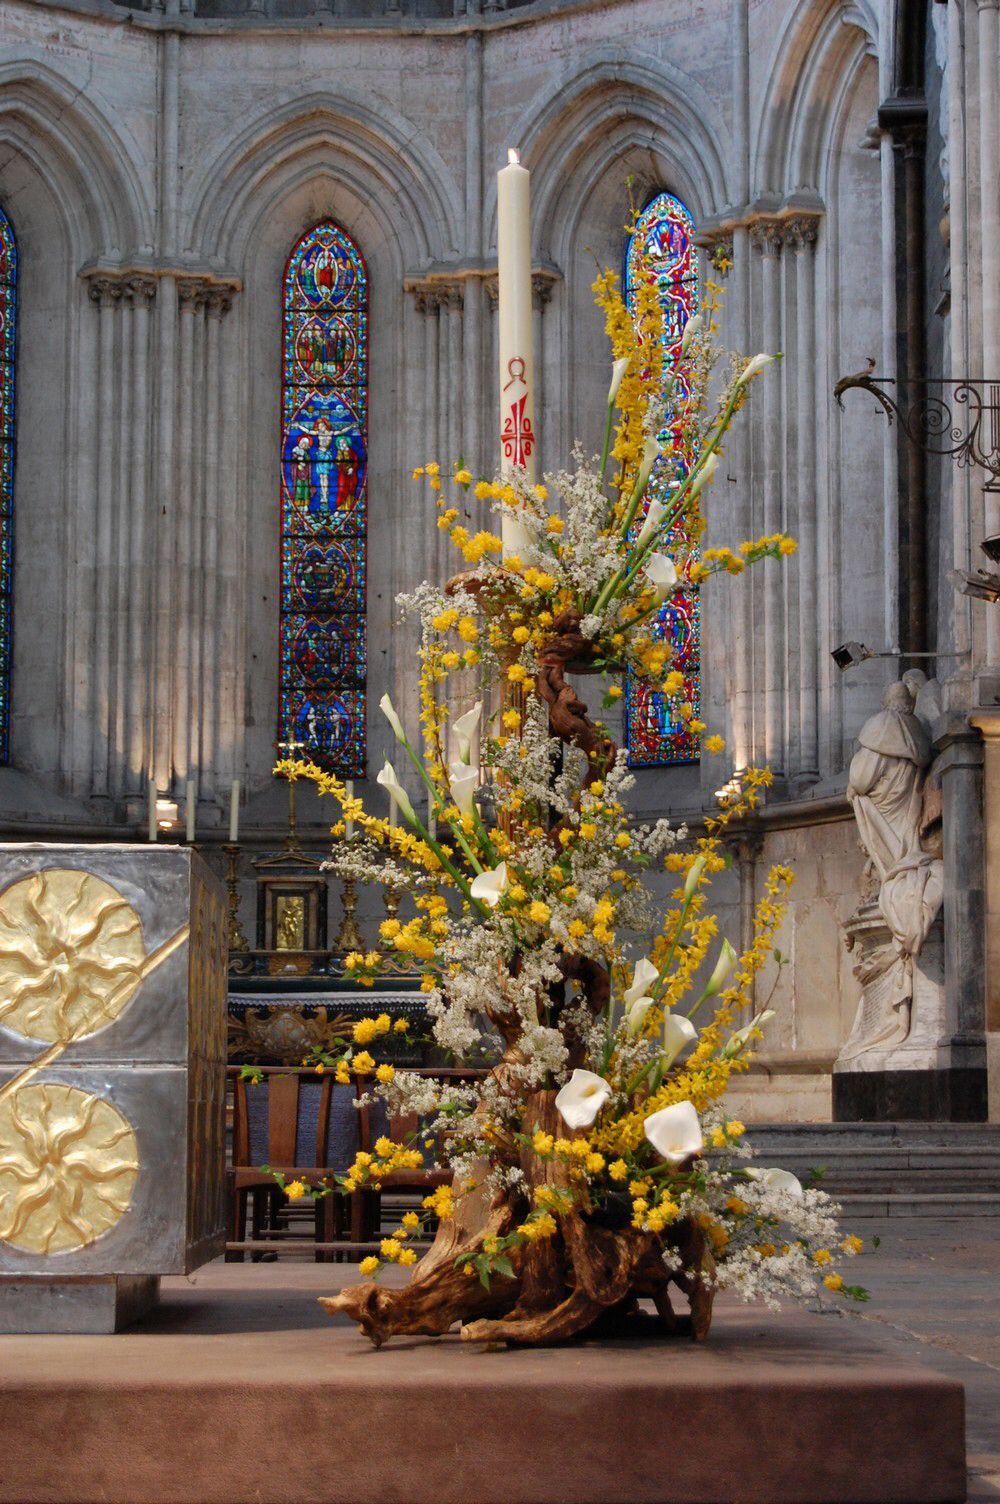 Stunning floral arrangement for church decor